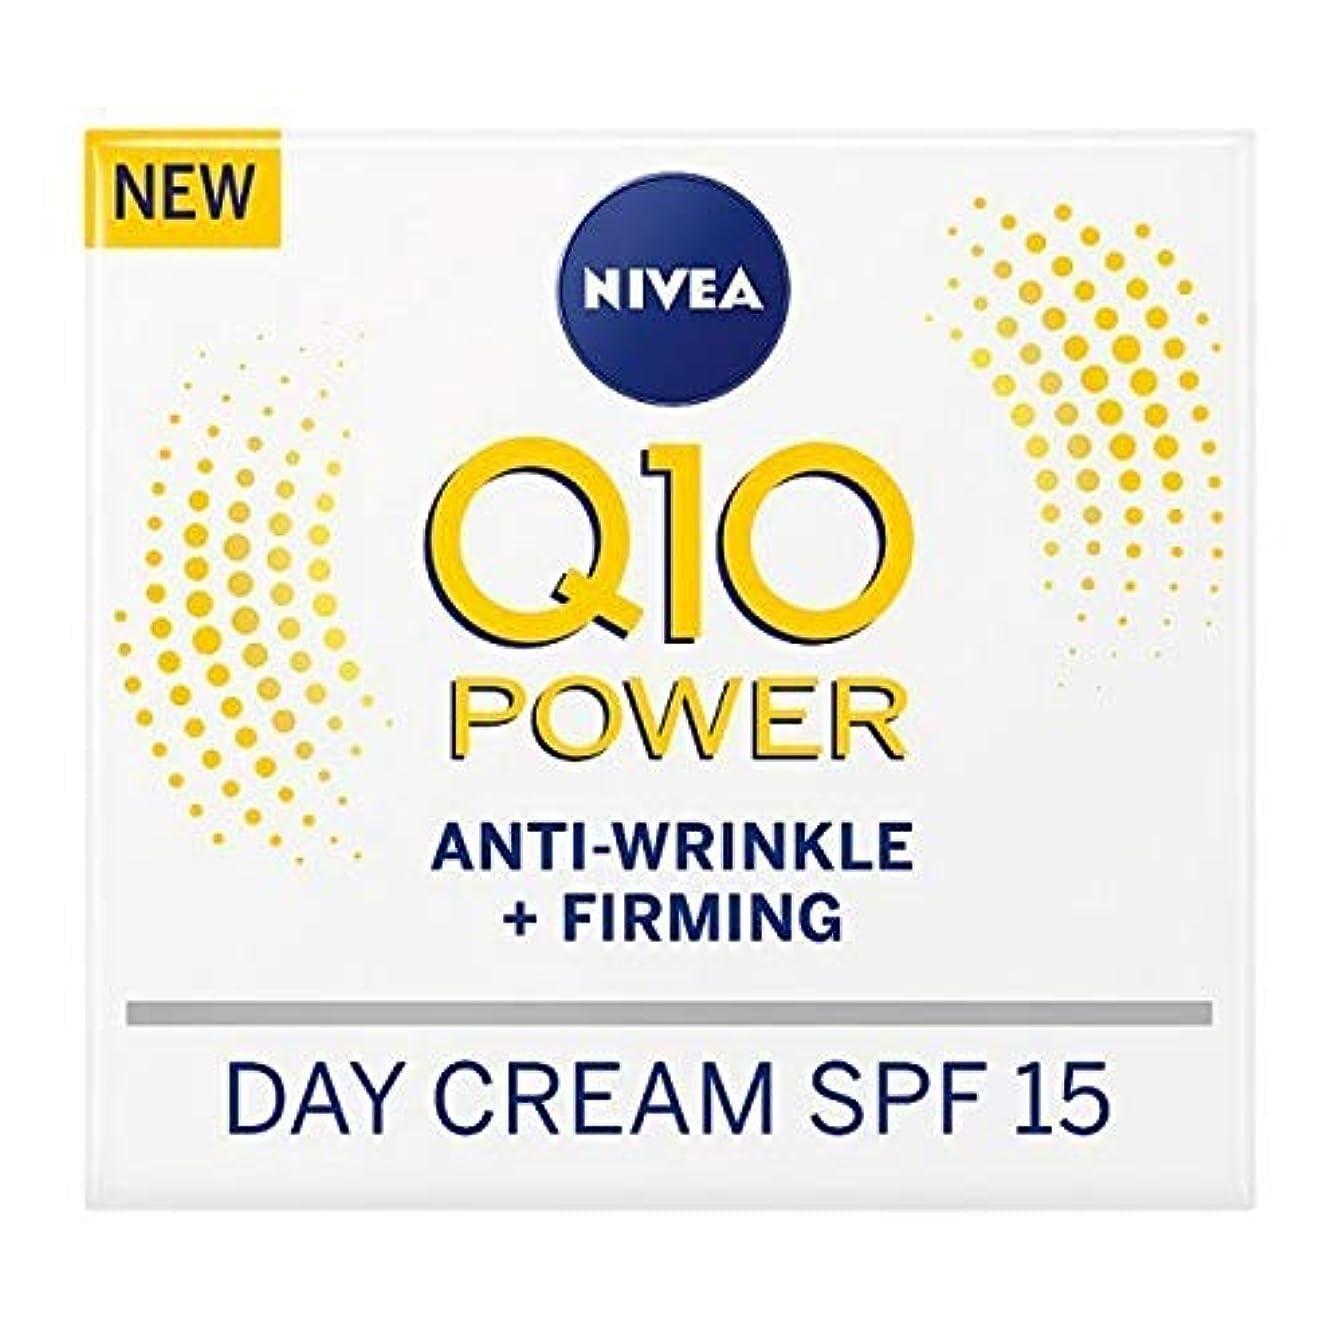 アイドルスキャン気難しい[Nivea ] ニベアQ10パワー抗しわ引き締めフェイスクリーム50Ml - NIVEA Q10 Power Anti-Wrinkle Firming Face Cream 50ml [並行輸入品]